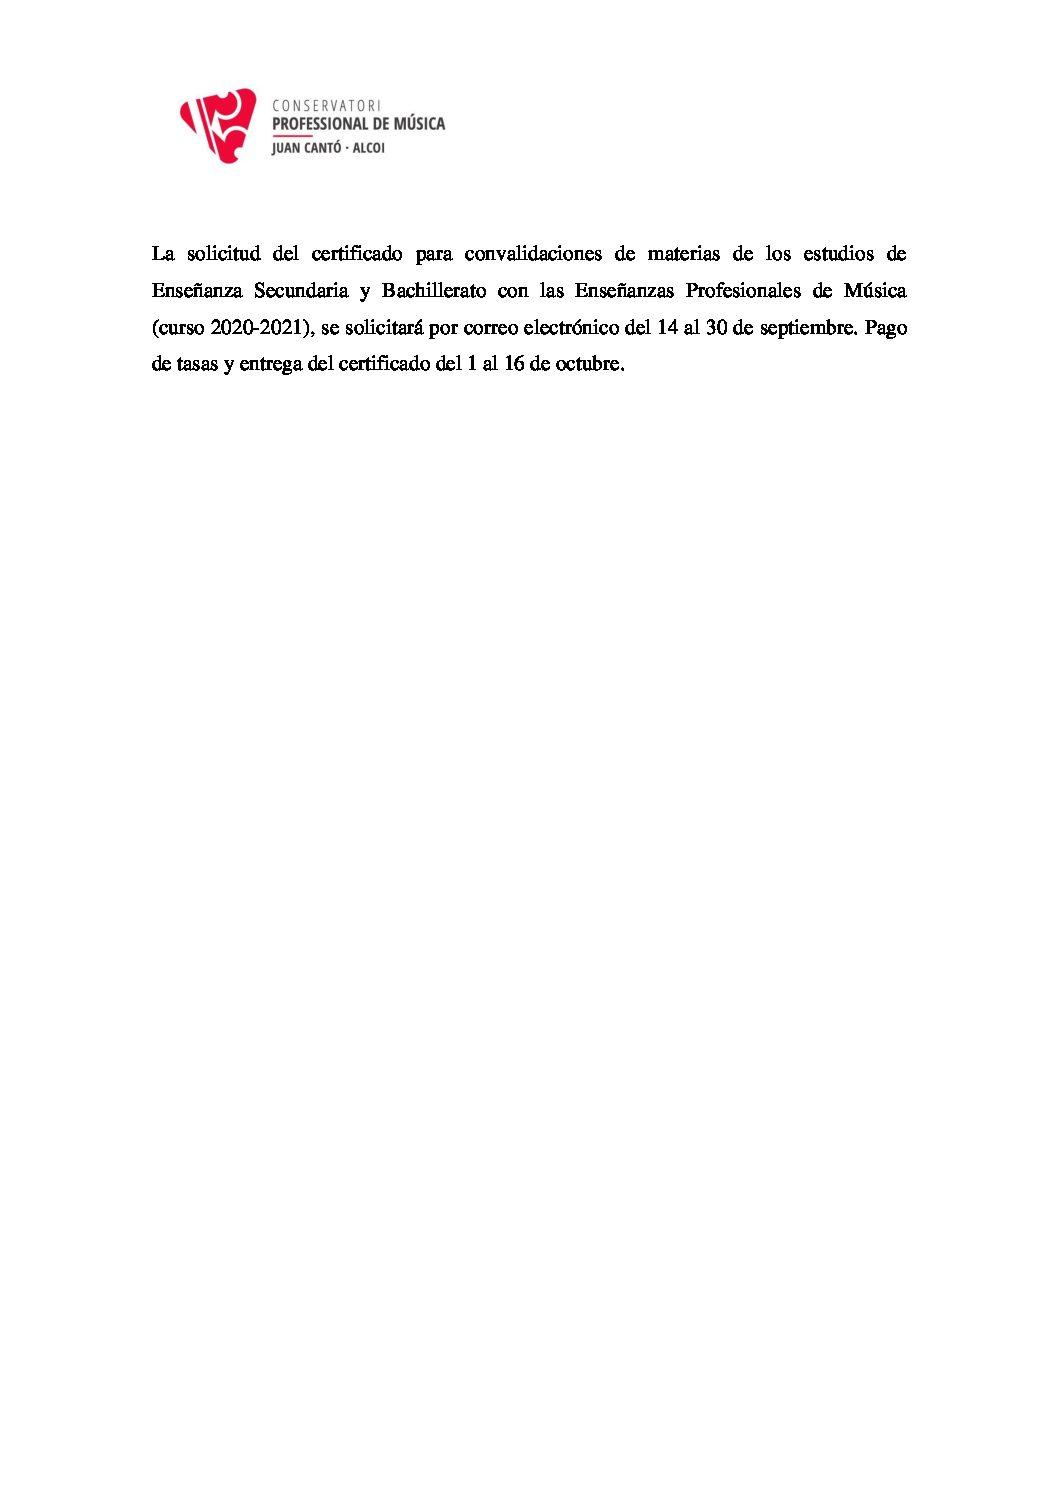 SOLICITUD CERTIFICADO CONVALIDACIONES (CURSO 2020-2021)